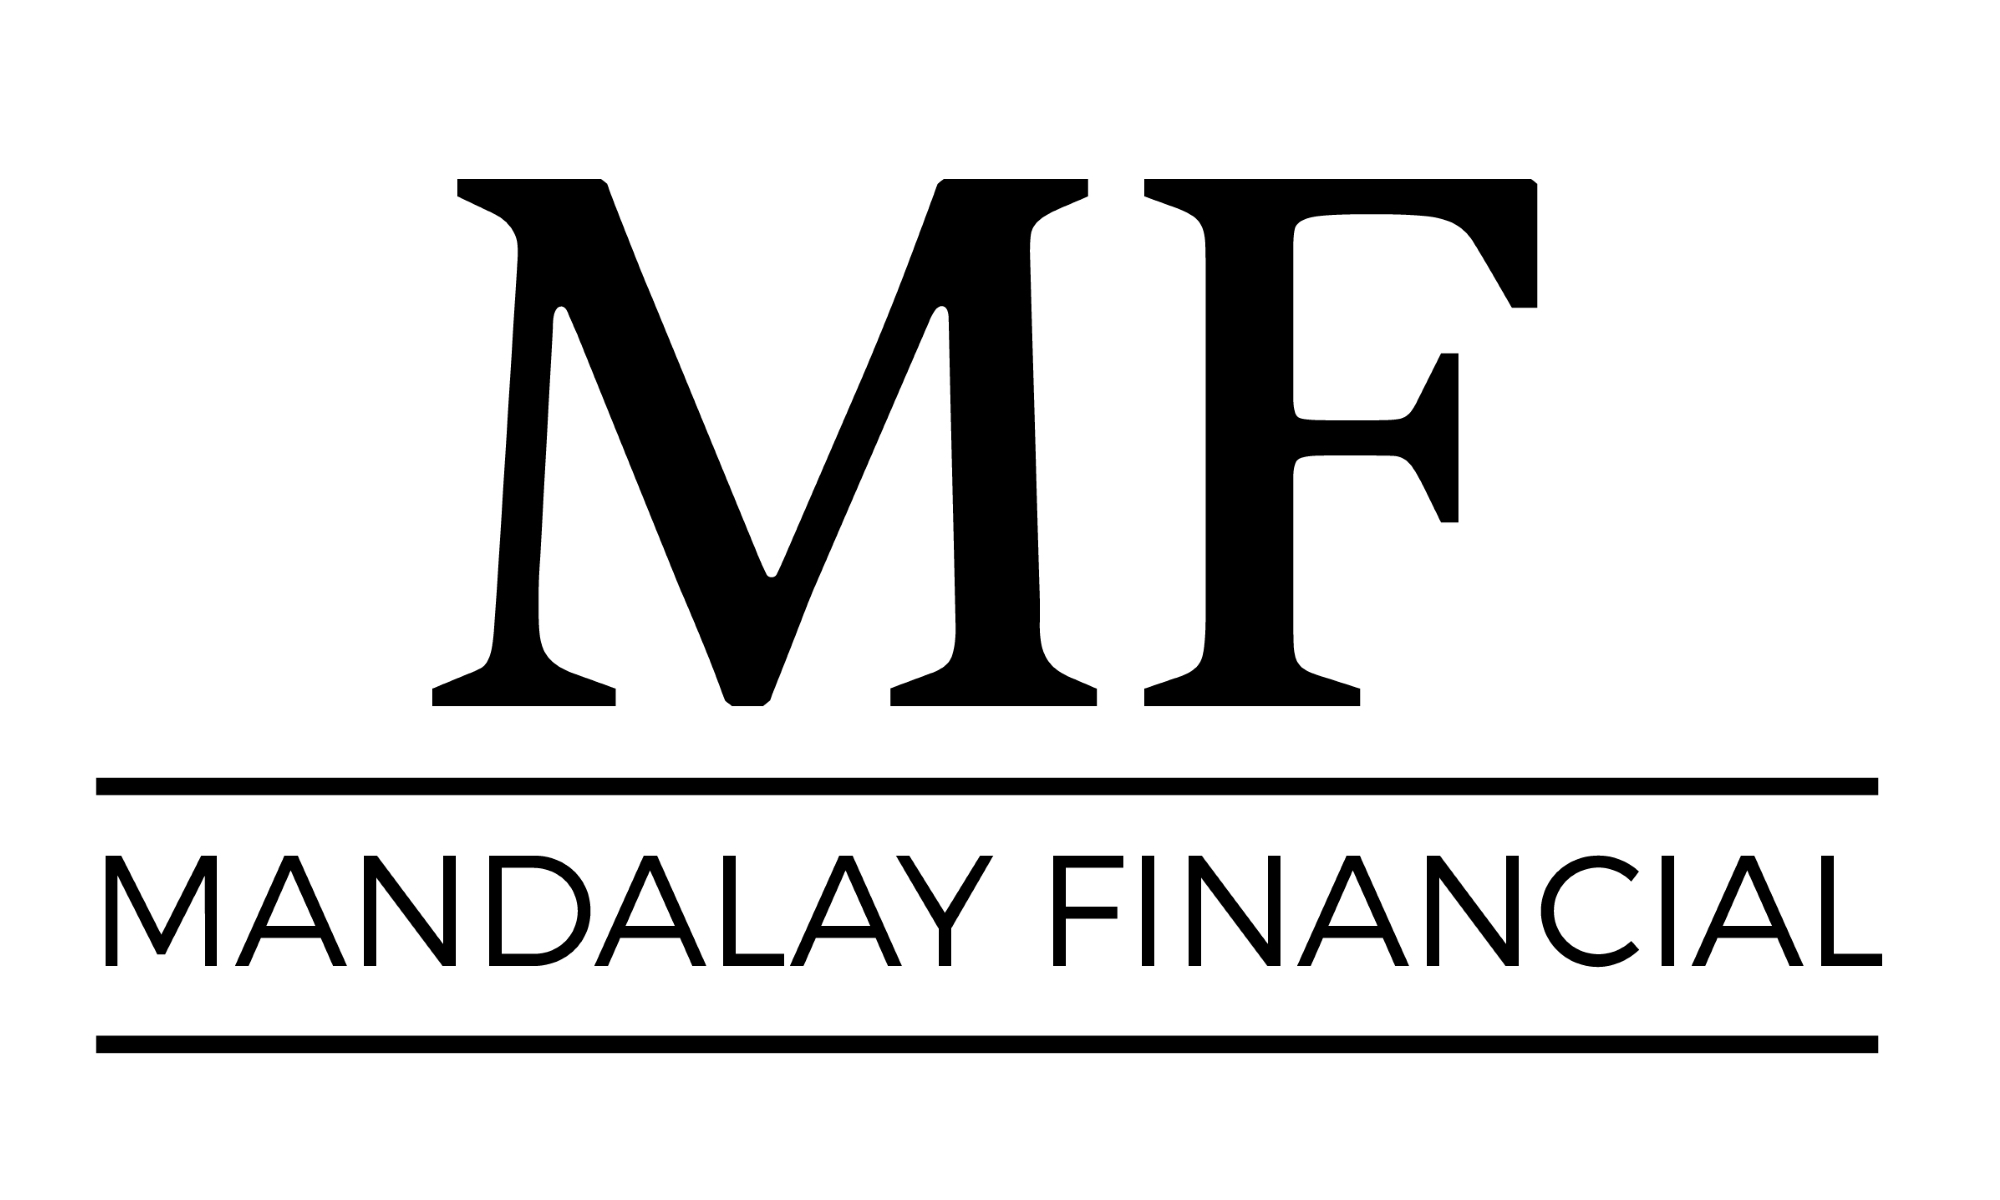 Mandalay Financial